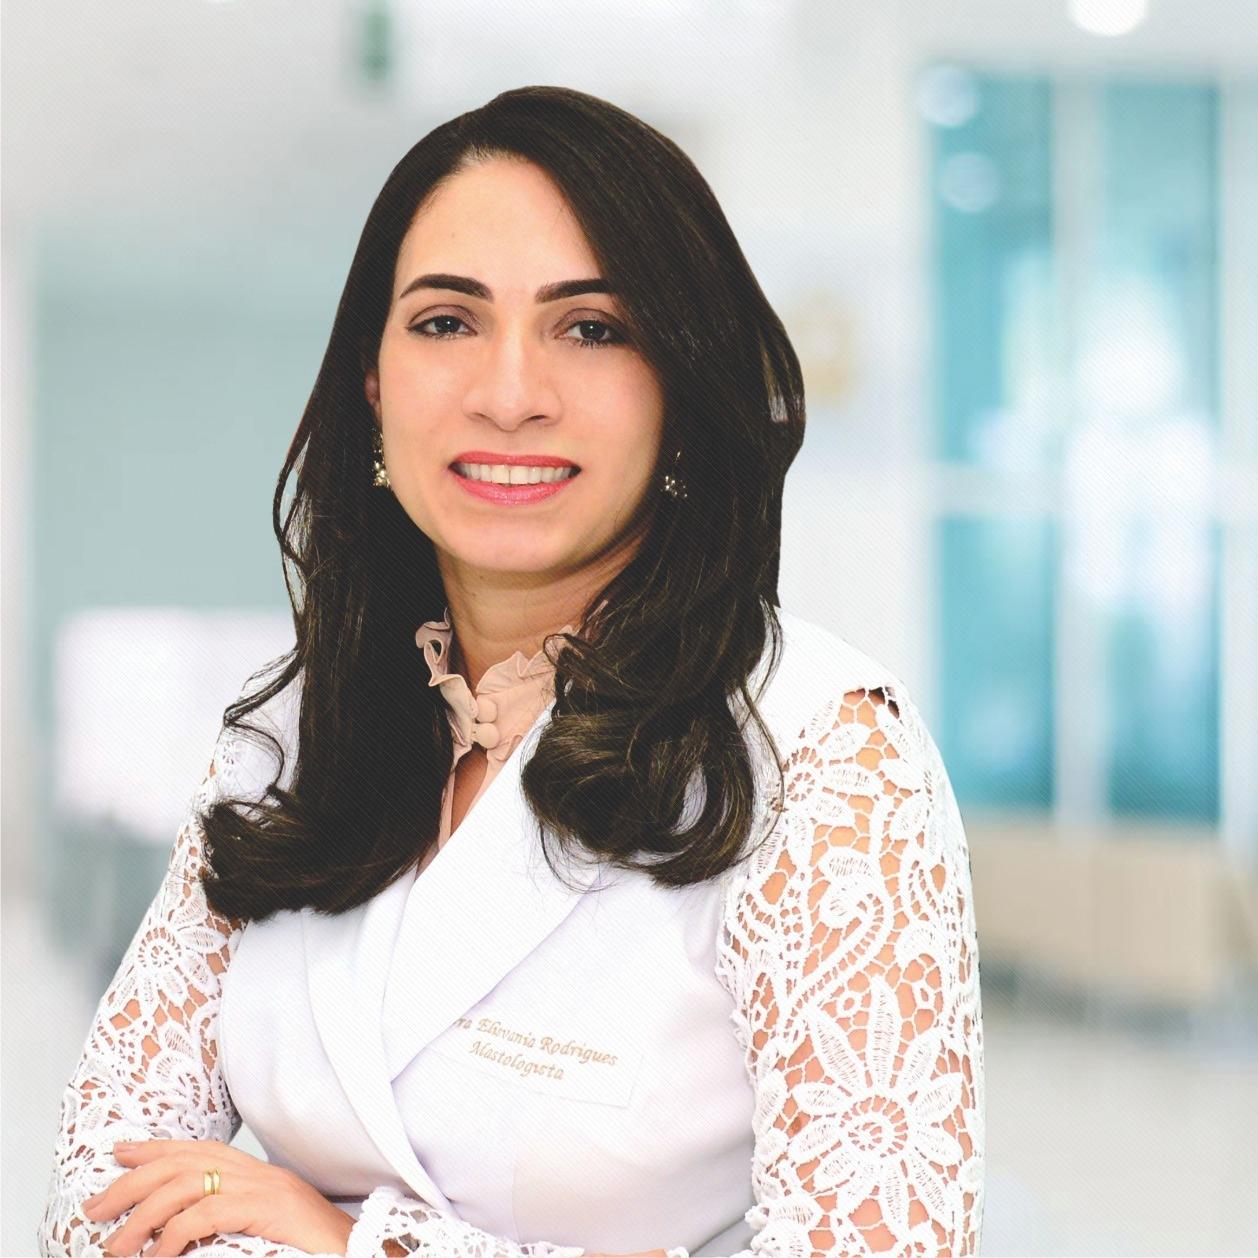 Elisvania Rodrigues da Silva